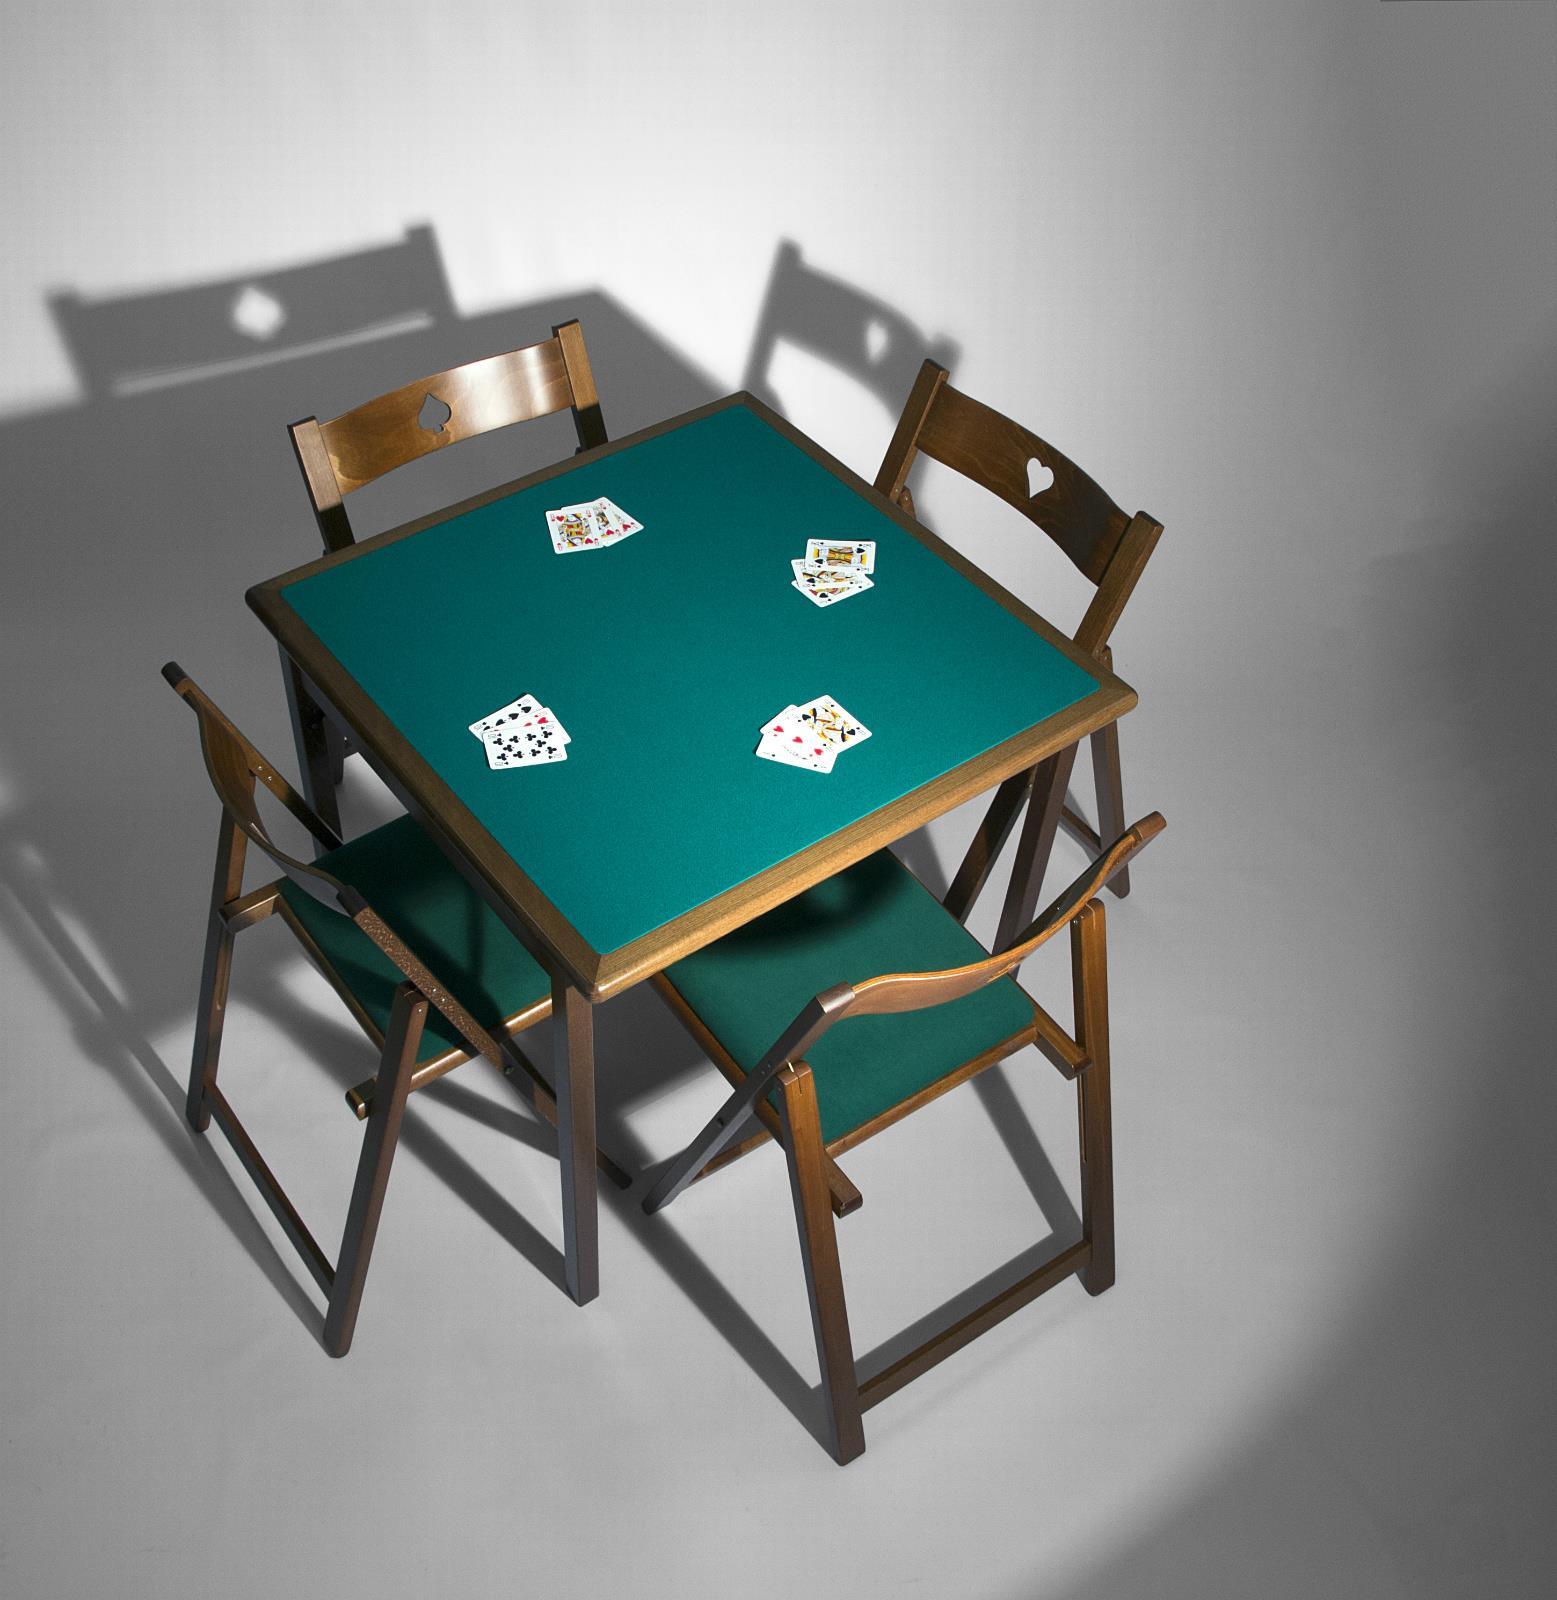 Tavolo da gioco torneo fratelli del fabbro srl - Mysterium gioco da tavolo ...